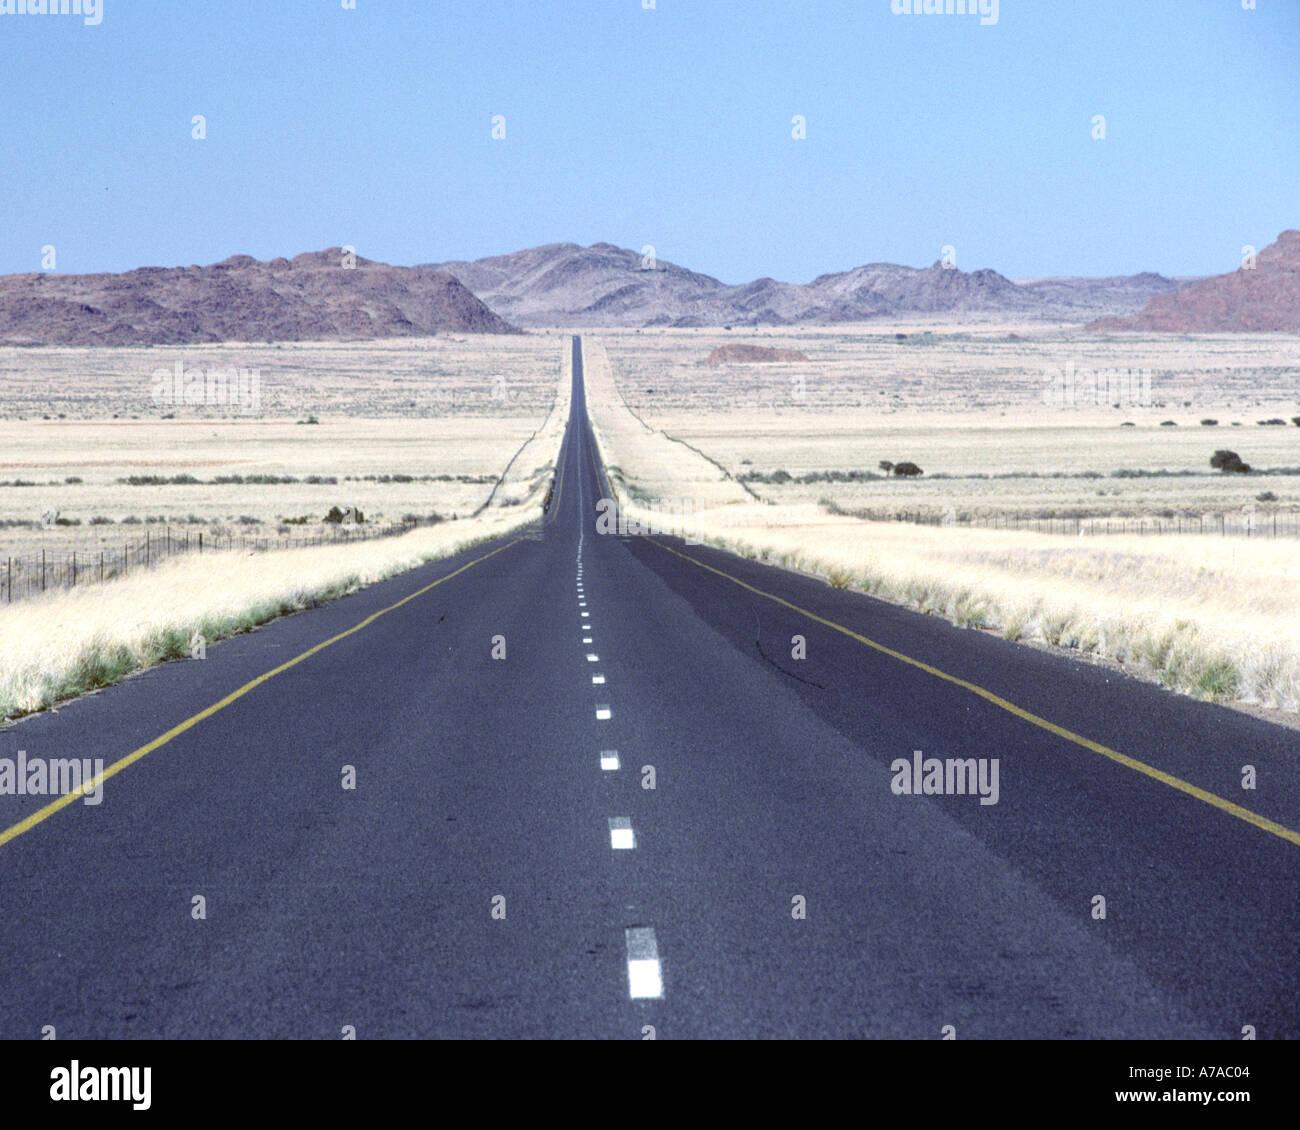 La route n14 en Afrique du Sud pour le nord de la province du Cap. Banque D'Images